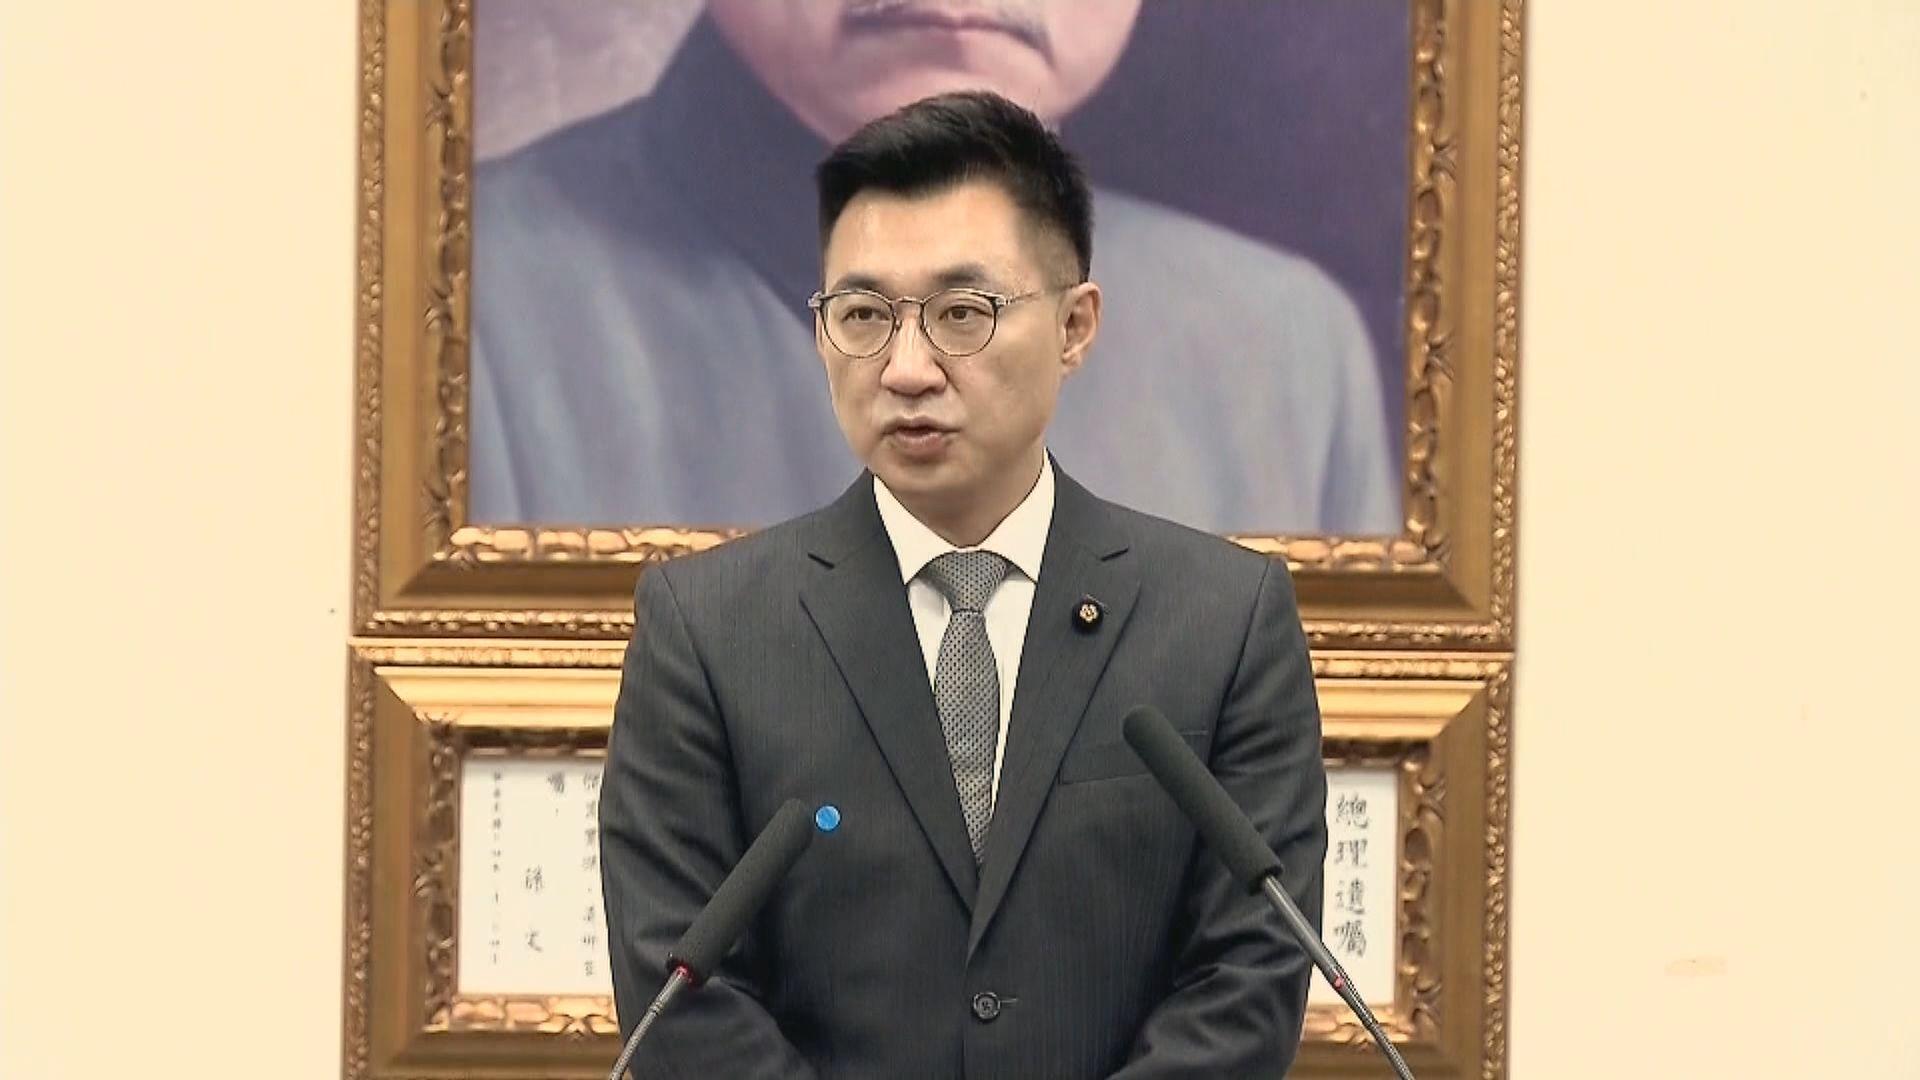 國民黨主席江啟臣就職 倡改革國民黨未提九二共識